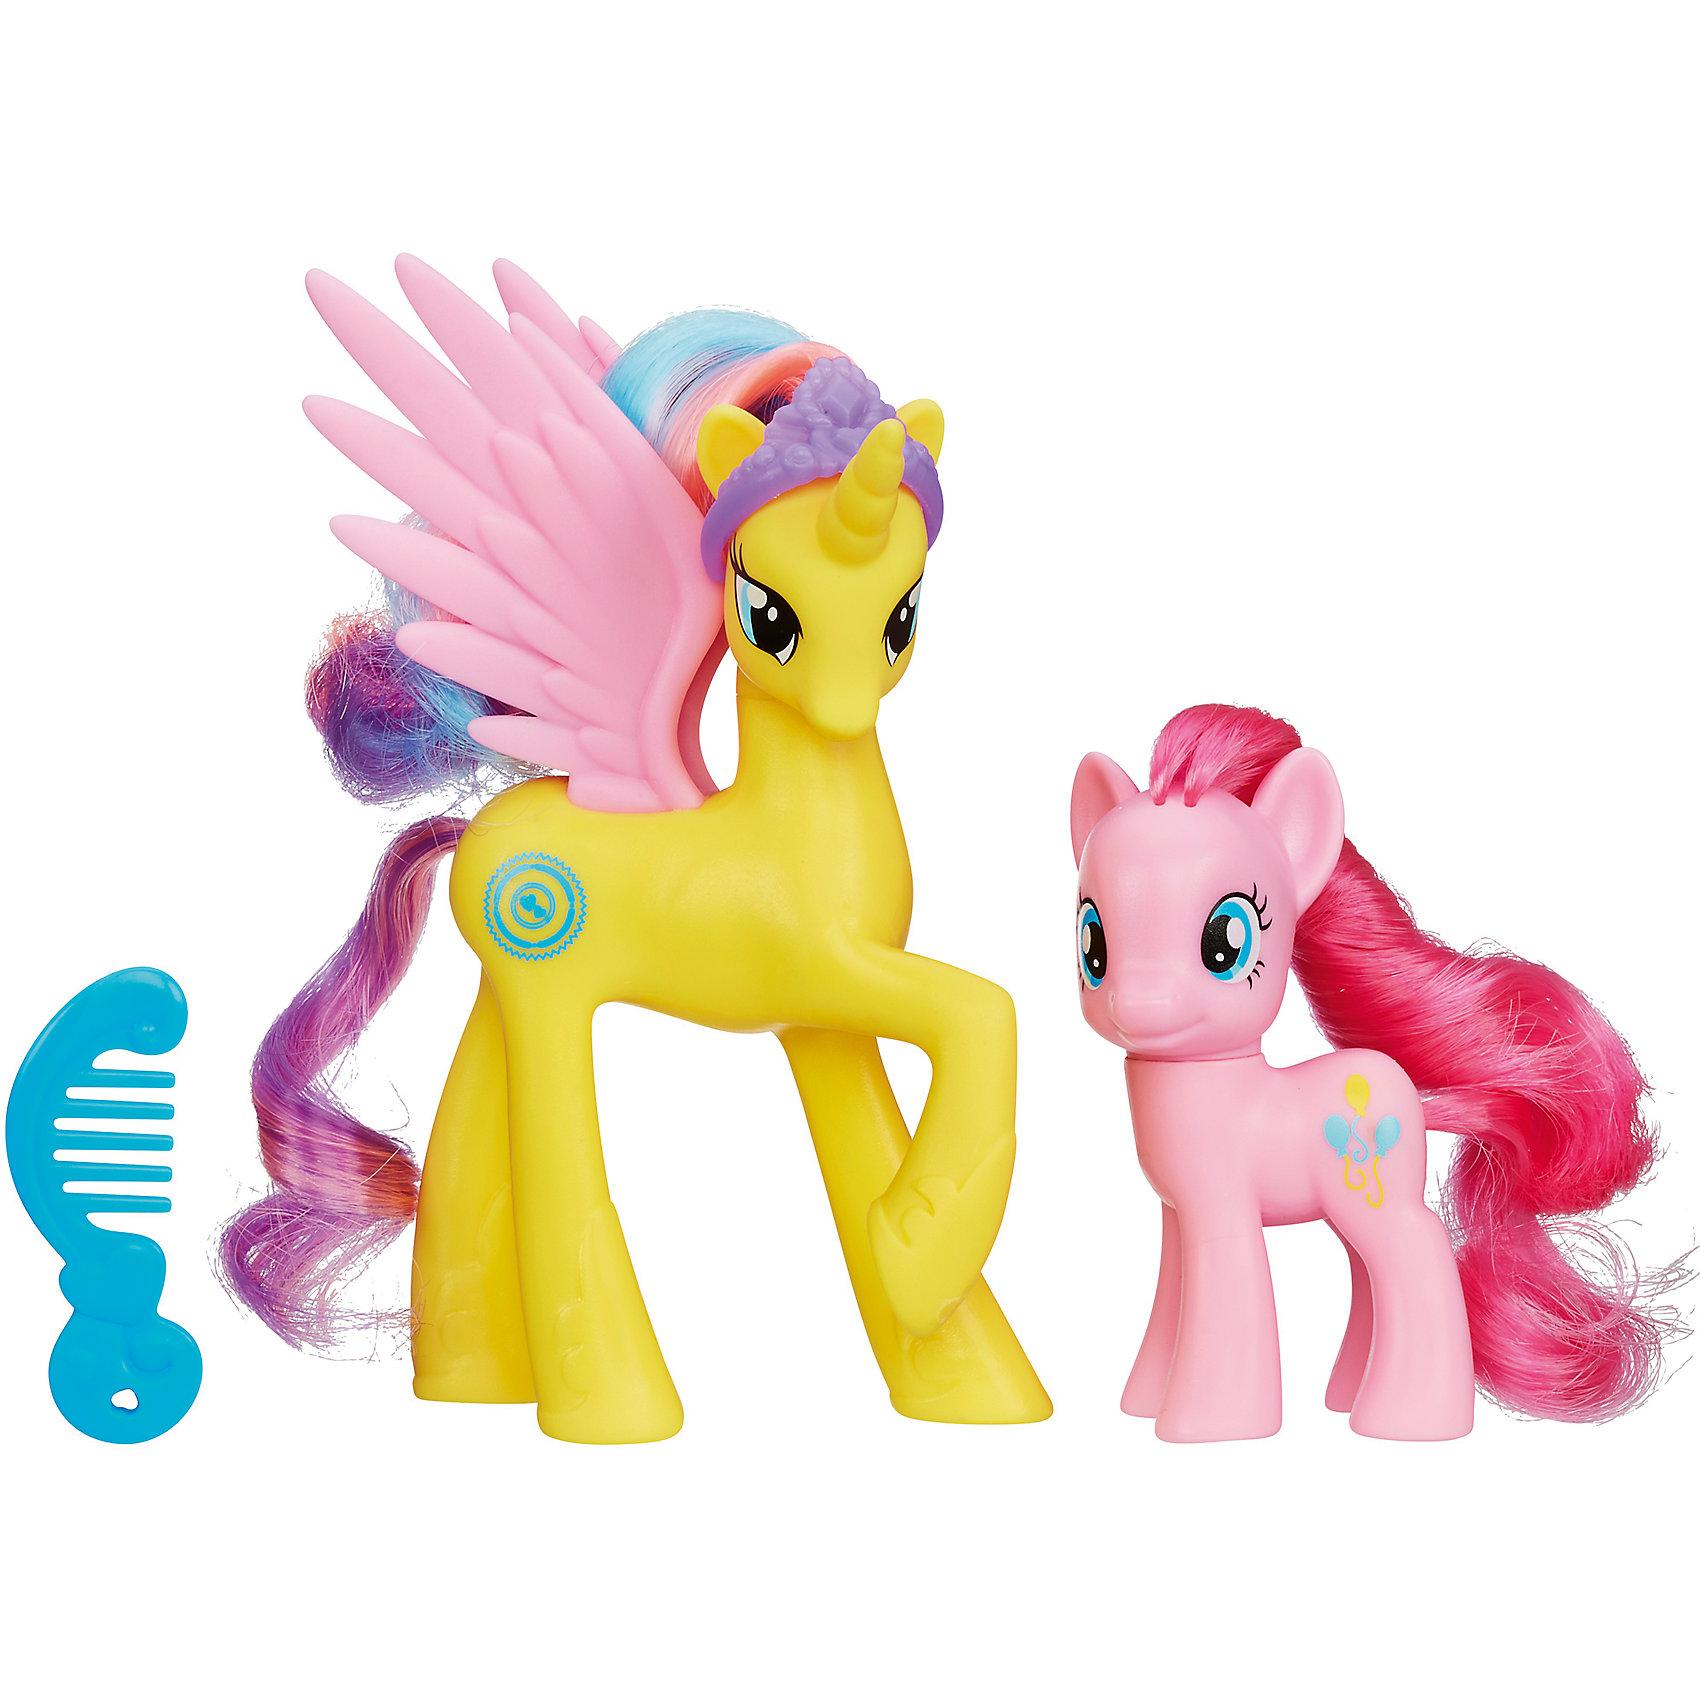 Игровой набор Принцессы My Little Pony, A2004/A9883Игровой набор Принцессы My Little Pony, A2004/A9883.<br><br>Характеристики:<br><br>- В наборе: 2 лошадки, аксессуары<br>- Размер лошадок: 12 и 8 см.<br>- Материал: высококачественный пластик<br>- Размер упаковки: 19,5х5,5х16,5 см.<br><br>Игровой набор Принцессы включает в себя 2 знаменитых персонажей мультсериала Моя маленькая пони. Дружба - это чудо! – лунную пони-аликорна принцессу Луну и модницу пони Рарити. Фигурки имеют высокую степень детализации. Голову пони Луна украшает корона. Роскошные цветные гривы и хвостики лошадок можно расчесывать, заплетать косички и делать всевозможные укладки. В комплекте есть маленький гребешок, заколки и браслет на ножку для пони. Головы лошадок на шарнирах и их можно поворачивать. Элементы набора выполнены из высококачественного пластика, безопасны для детей.<br><br>Игровой набор Принцессы My Little Pony, A2004/A9883 можно купить в нашем интернет-магазине.<br><br>Ширина мм: 204<br>Глубина мм: 169<br>Высота мм: 610<br>Вес г: 156<br>Возраст от месяцев: 432<br>Возраст до месяцев: 864<br>Пол: Женский<br>Возраст: Детский<br>SKU: 5064670